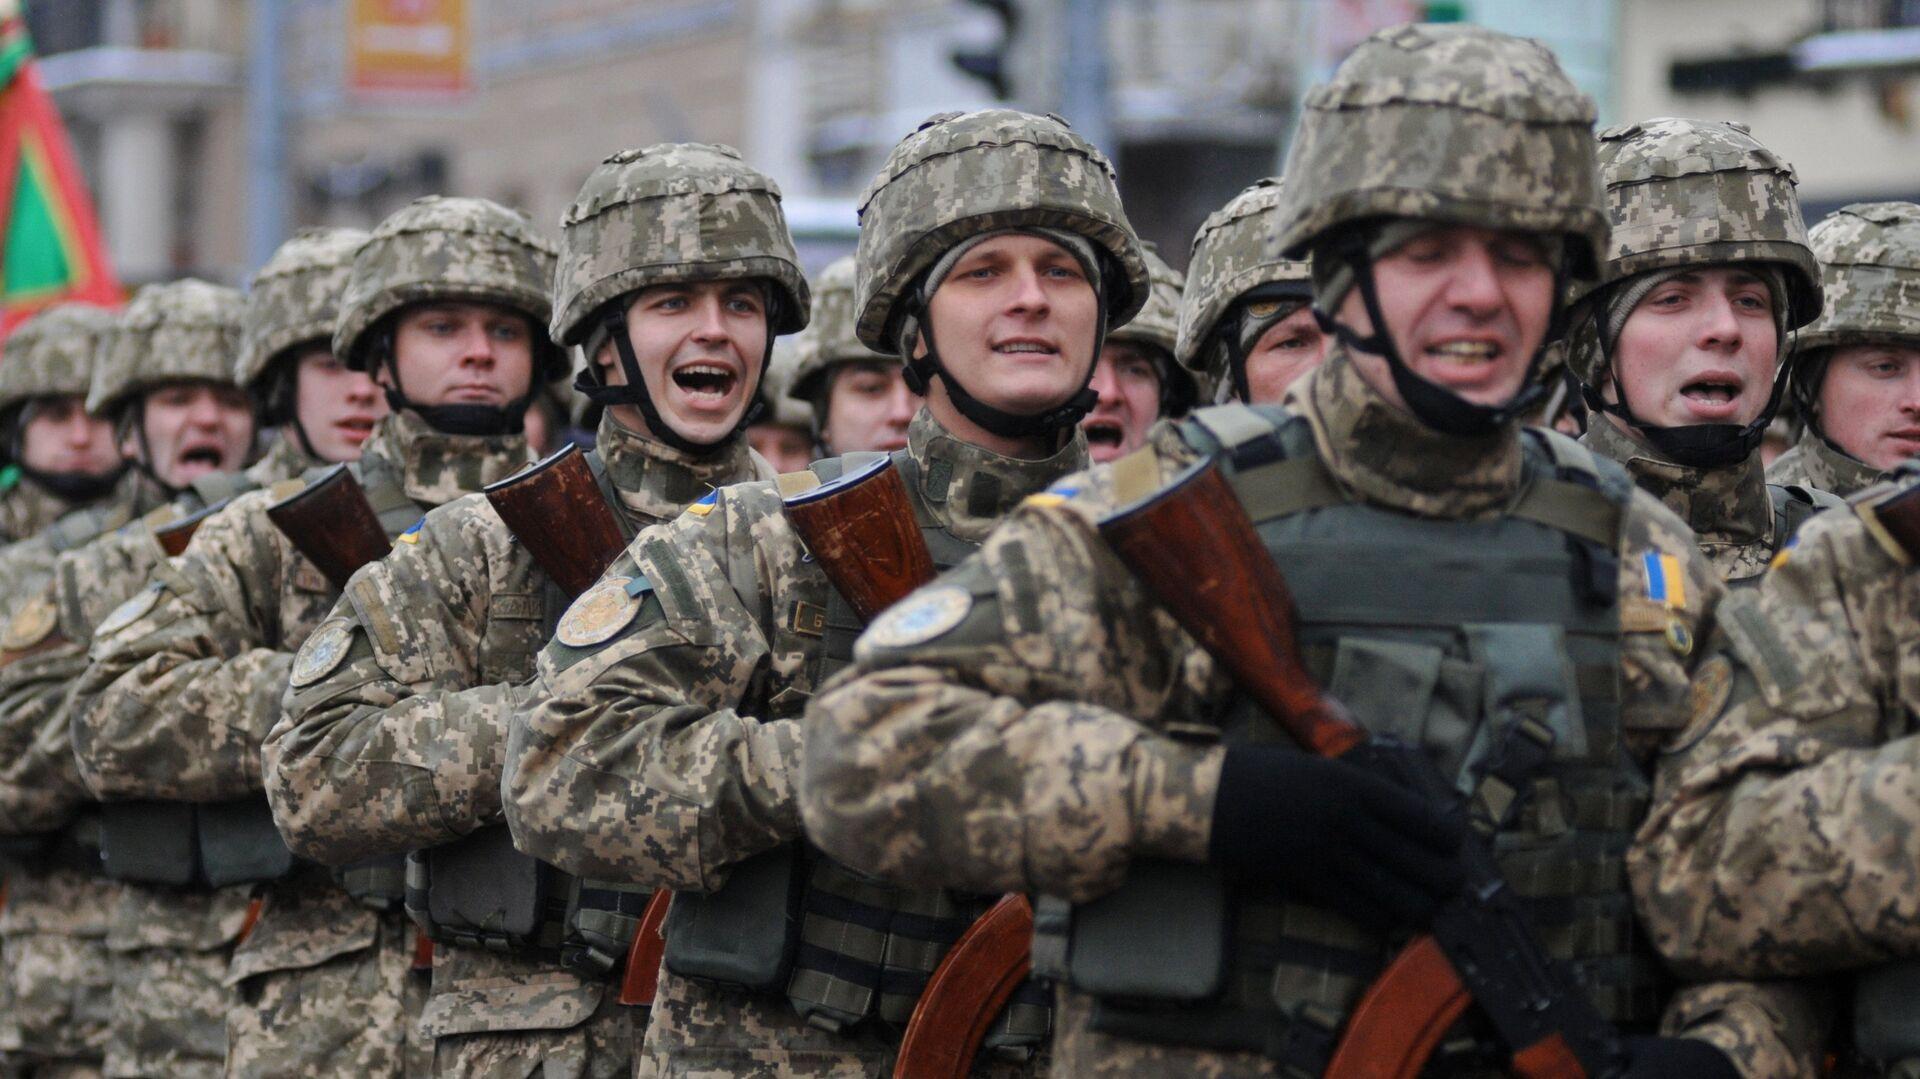 Los soldados de las Fuerzas Armadas de Ucrania (archivo) - Sputnik Mundo, 1920, 13.04.2021